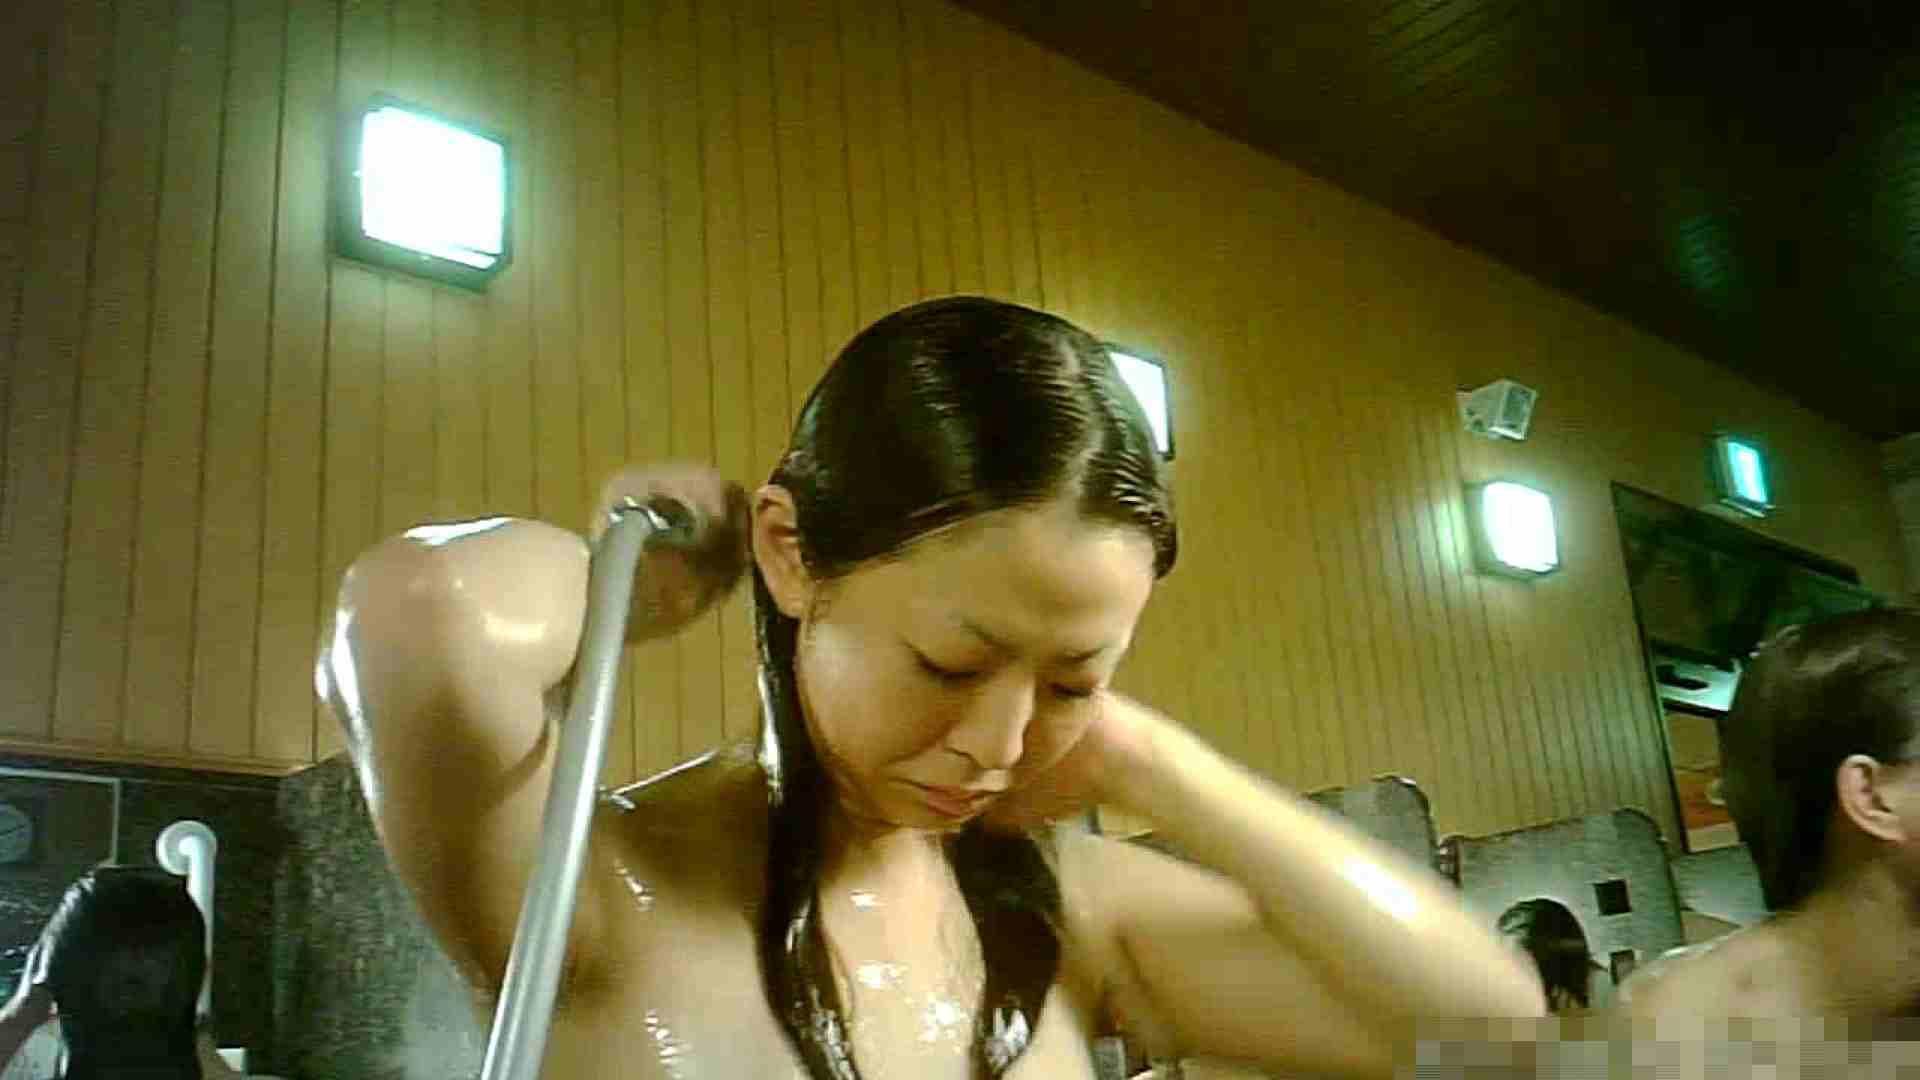 Vol.51 追い撮り!下着も顔もセクシー!洗い合いっこはナイスです。 OLの実態 | 脱衣所  105pic 9